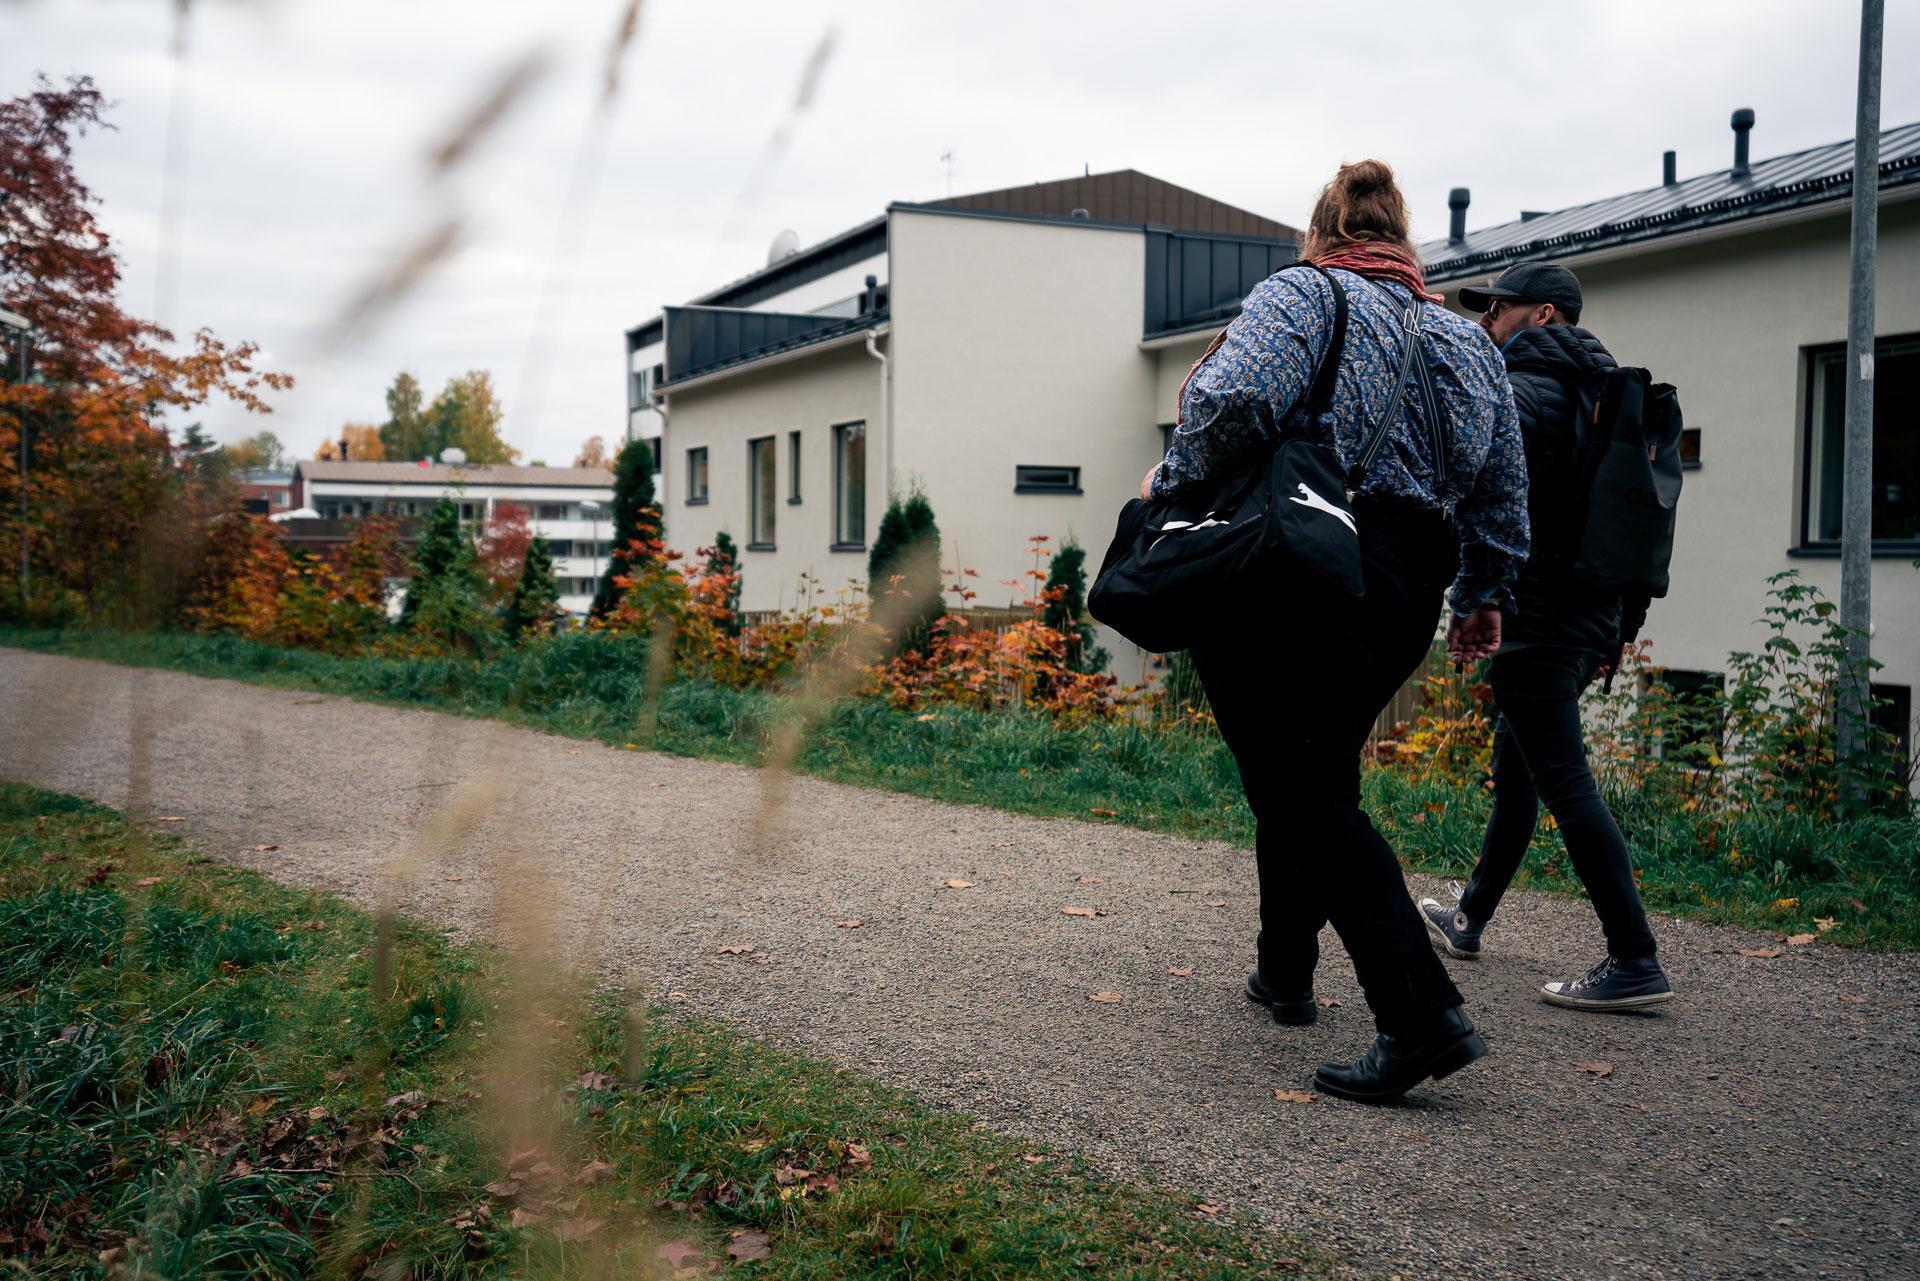 Kaksi miestä kävelee kävelytiellä asutusalueella.